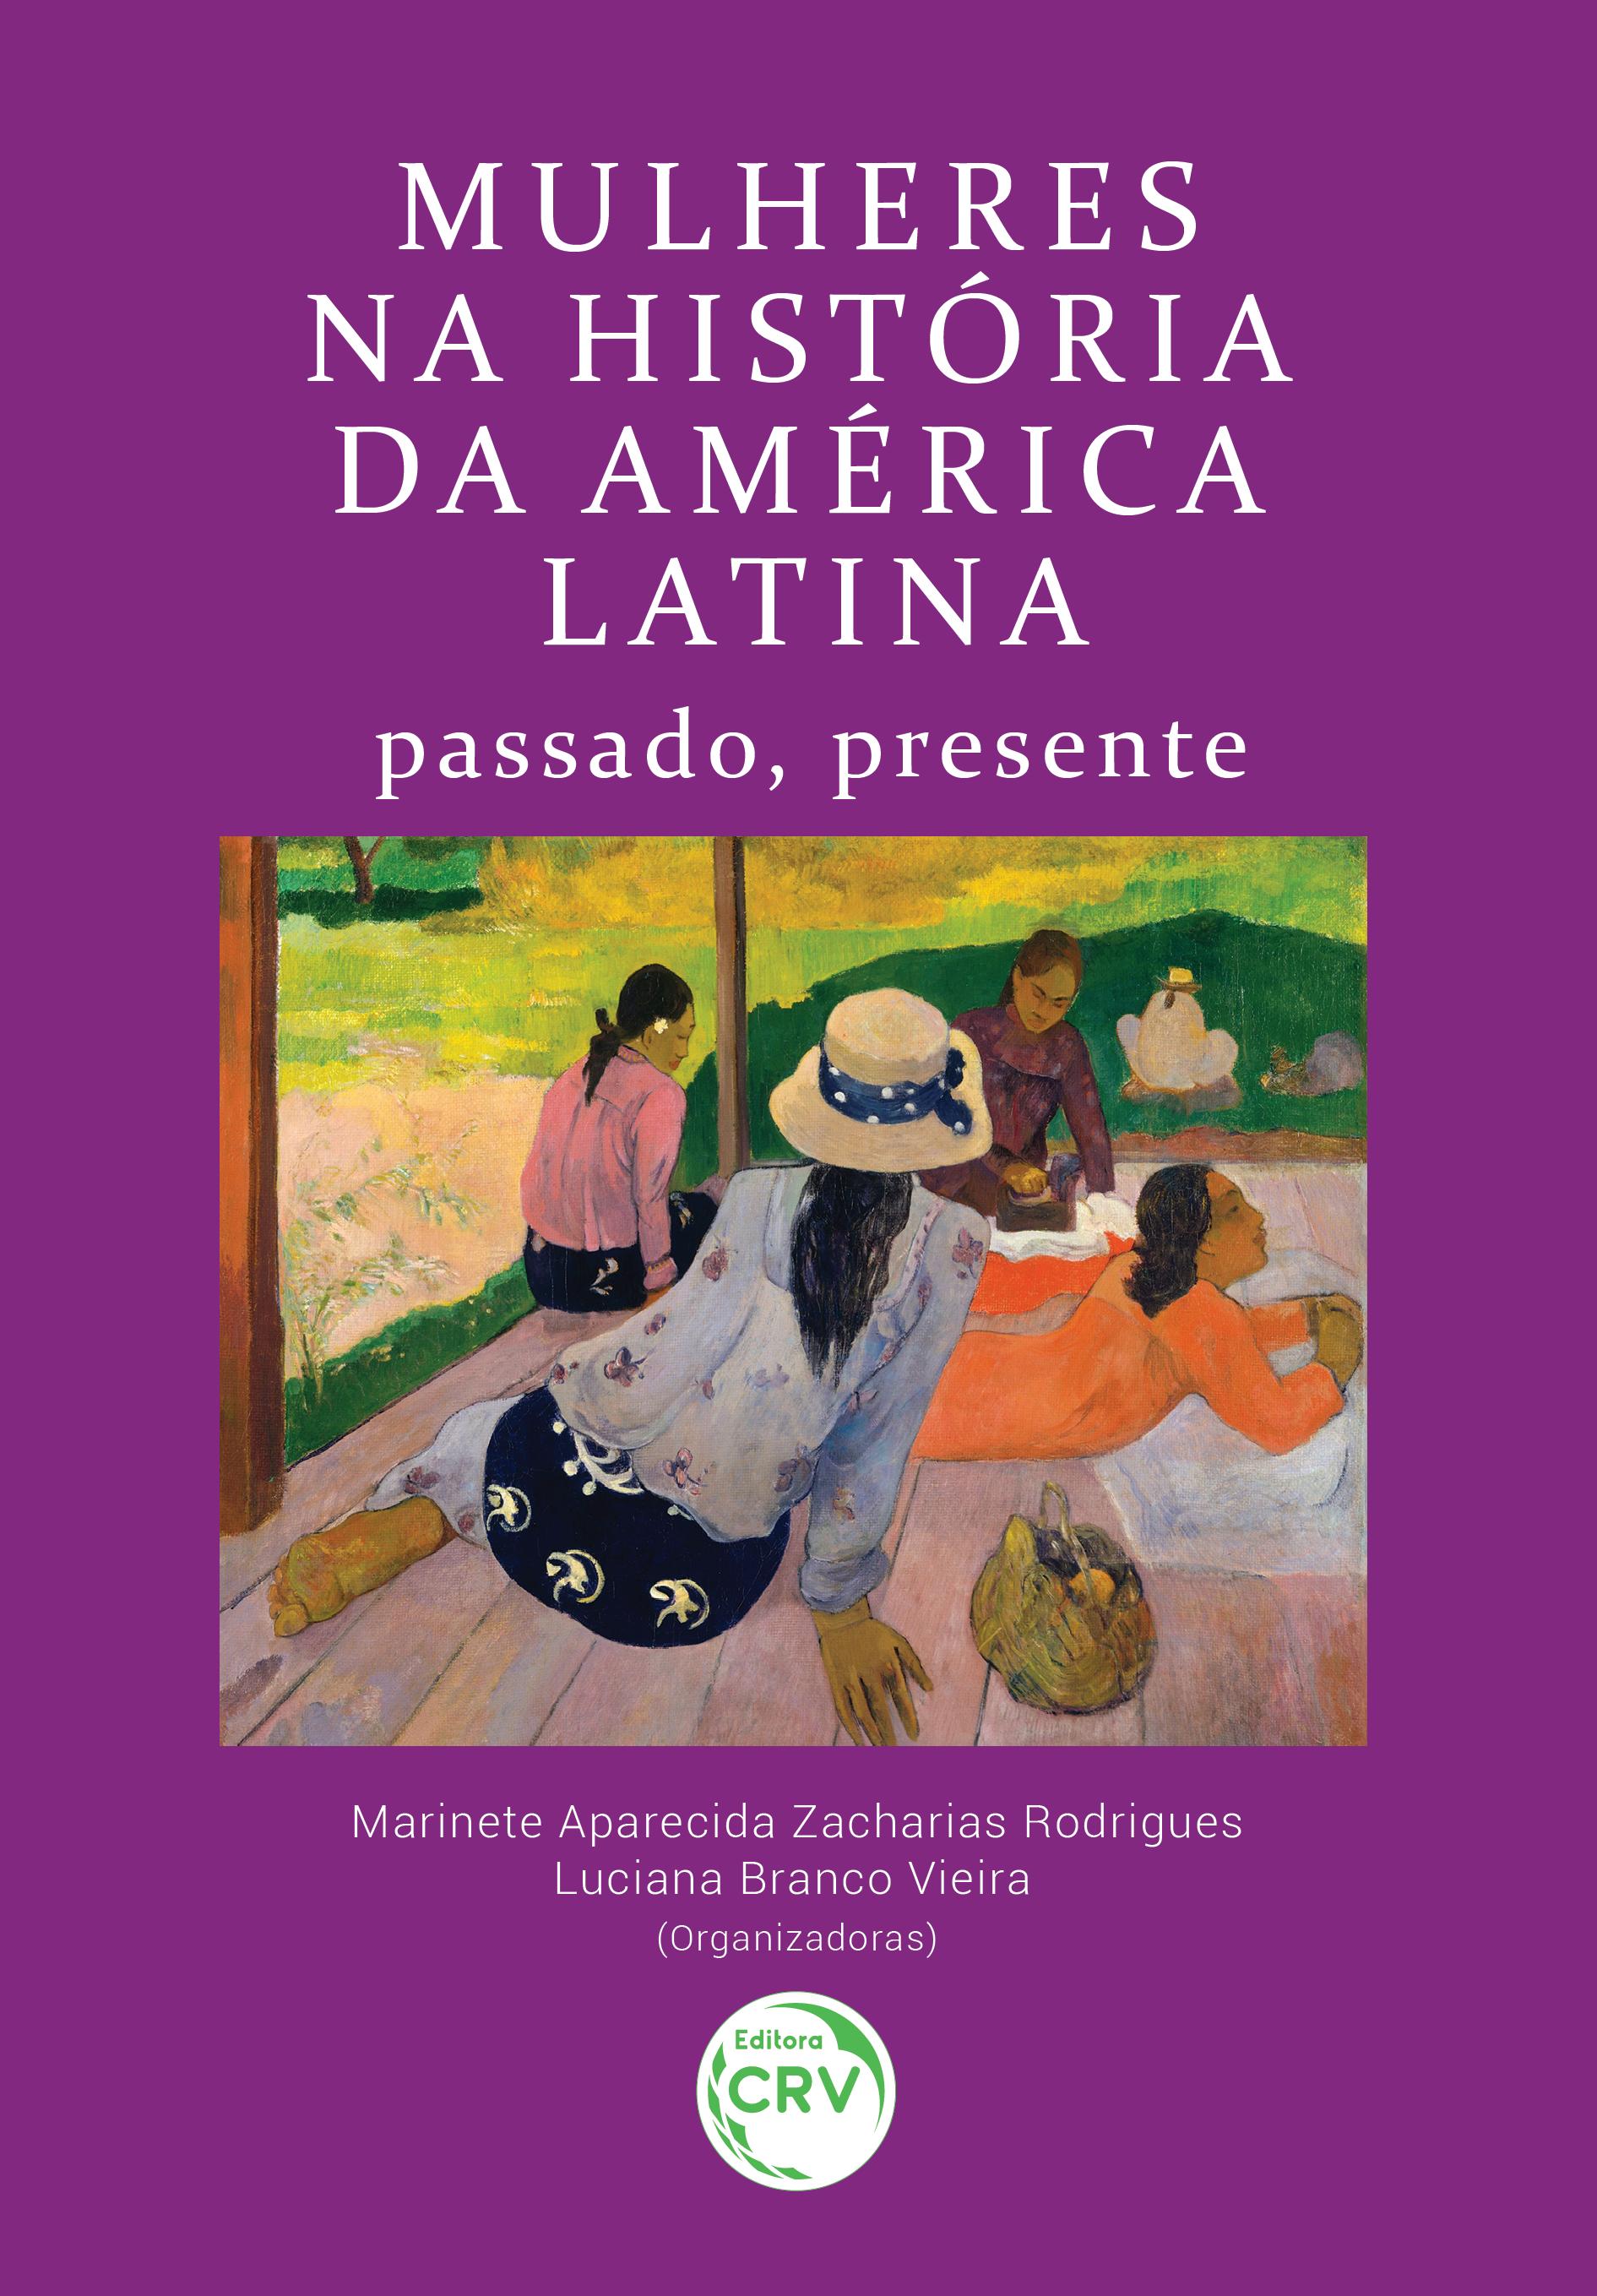 Capa do livro: MULHERES NA HISTÓRIA DA AMÉRICA LATINA: <br>passado, presente